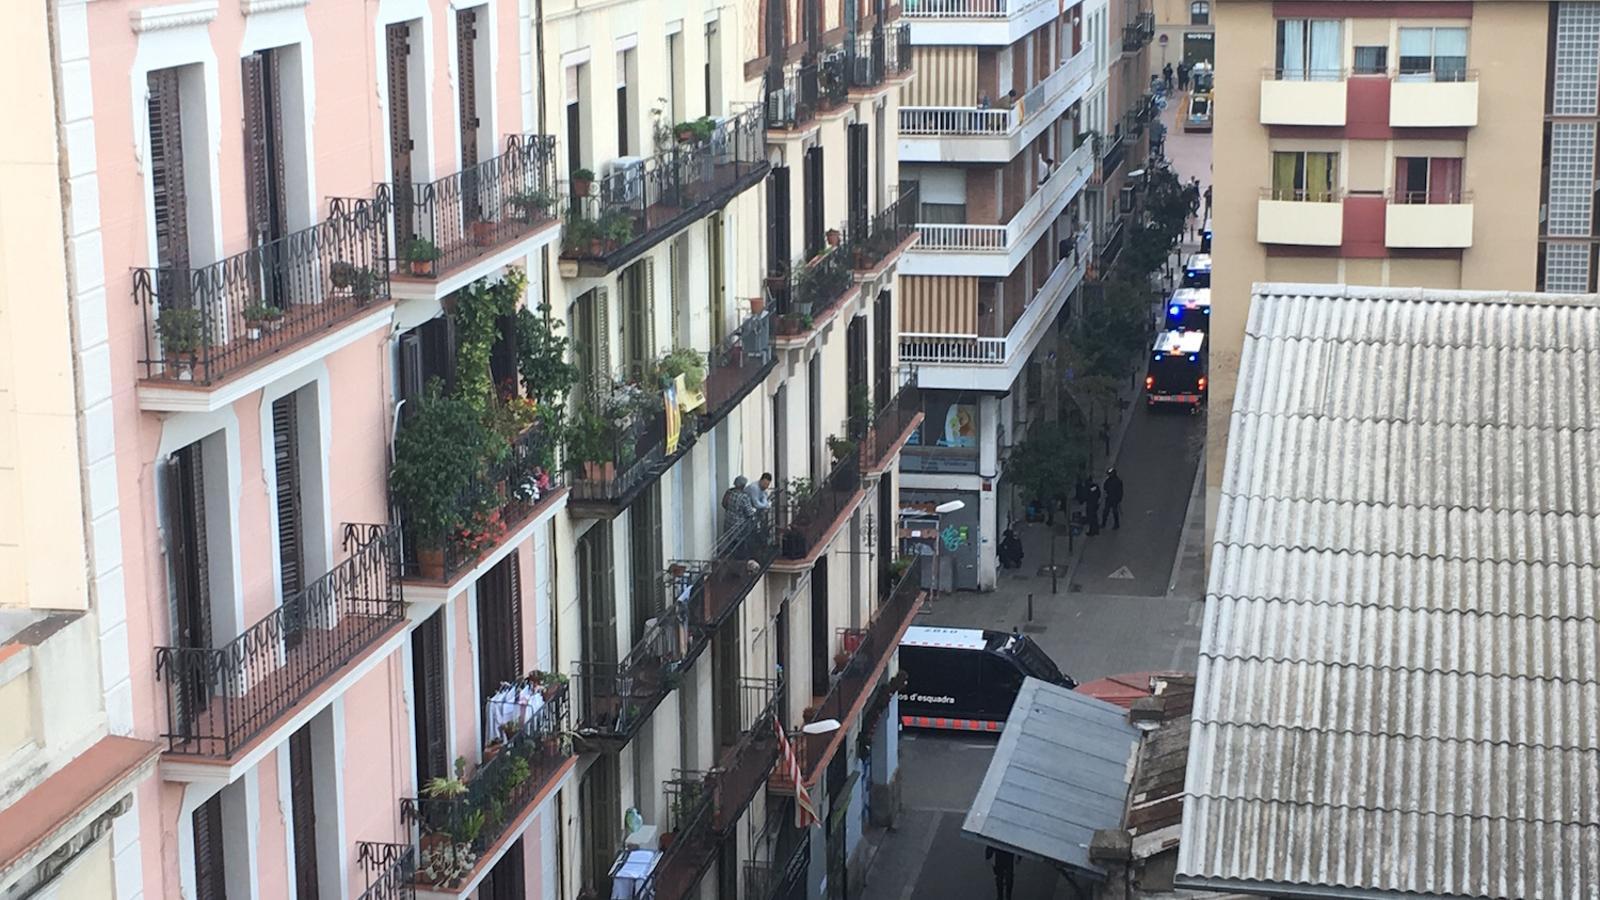 Furgons dels Mossos a punt per entrar a desallotjar el Banc Expropiat de Gràcia, que avui ha estat tornat a ocupar / ENRIC BORRÀS